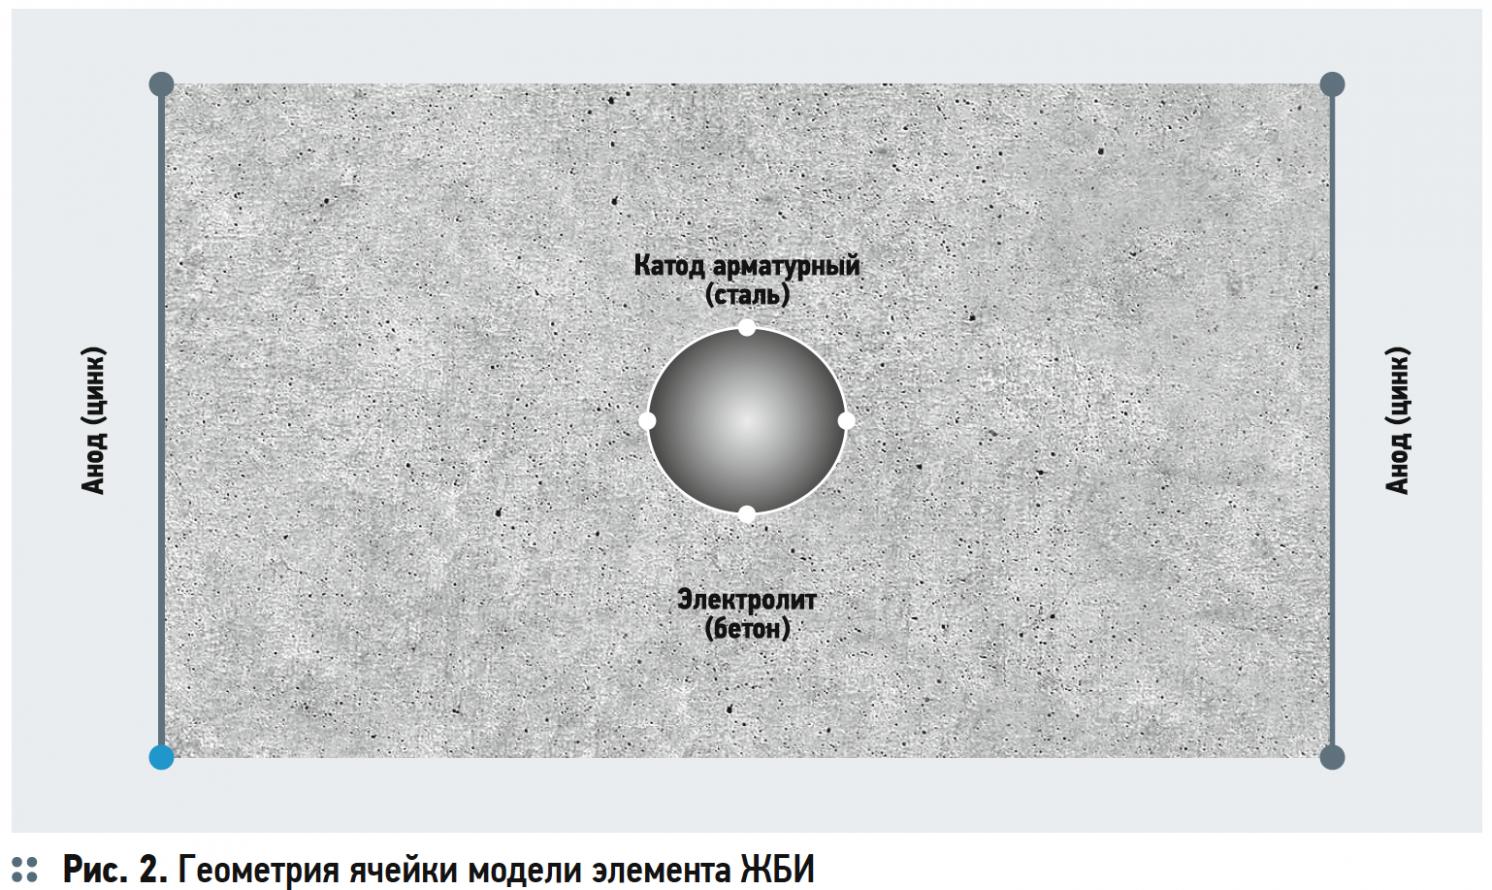 Моделирование катодной защиты ЖБИ для размещения и сохранности трубопроводов ЖКХ в COMSOL Multiphysics. 5/2019. Фото 2